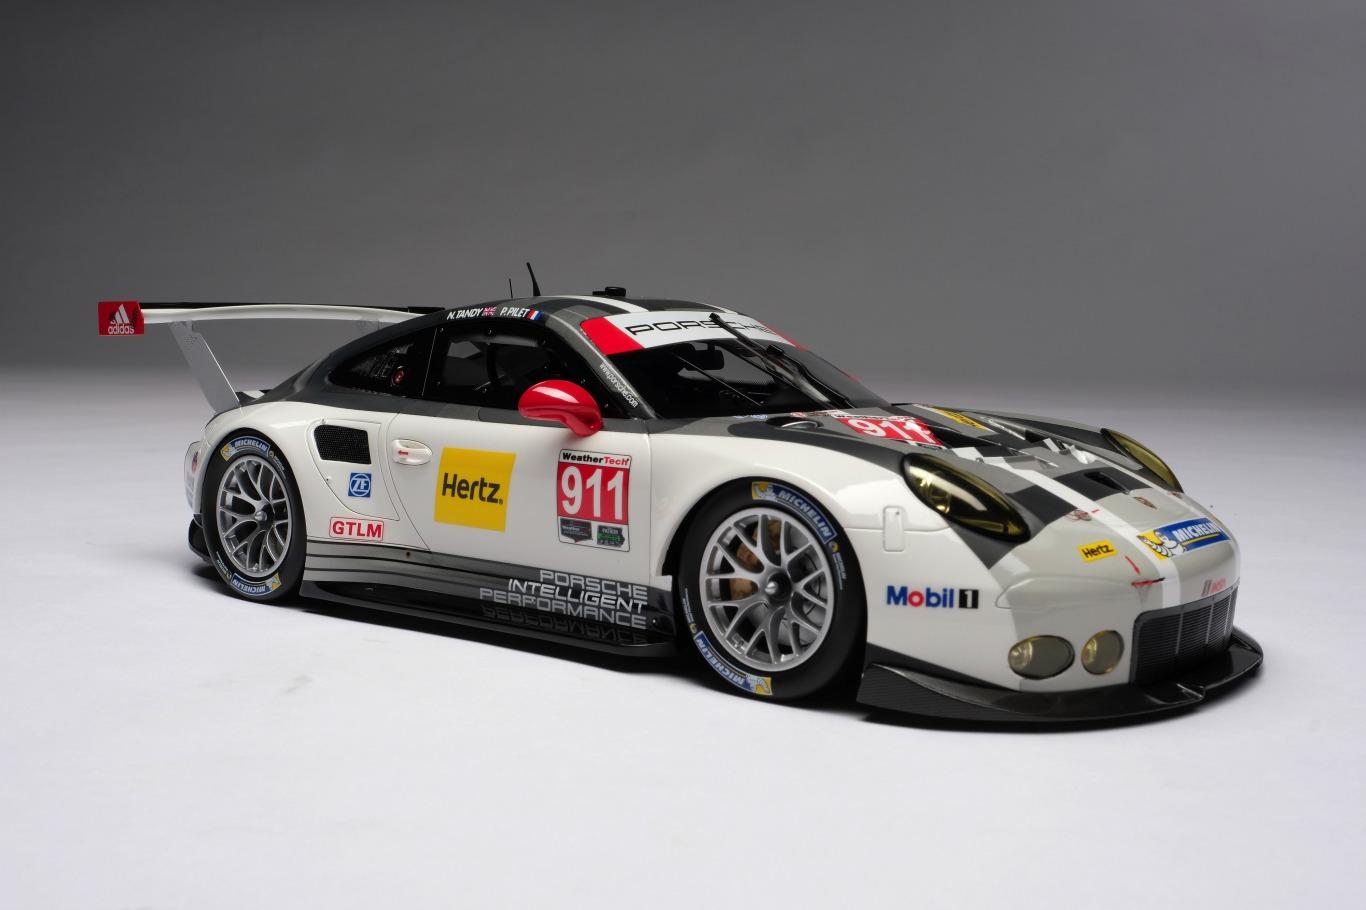 Amalgam Collection アマルガムコレクション 1:18 2016年モデル ポルシェ 911 RSR2016 Porsche 911 RSR 1/18 by Amalgam Collection NEW